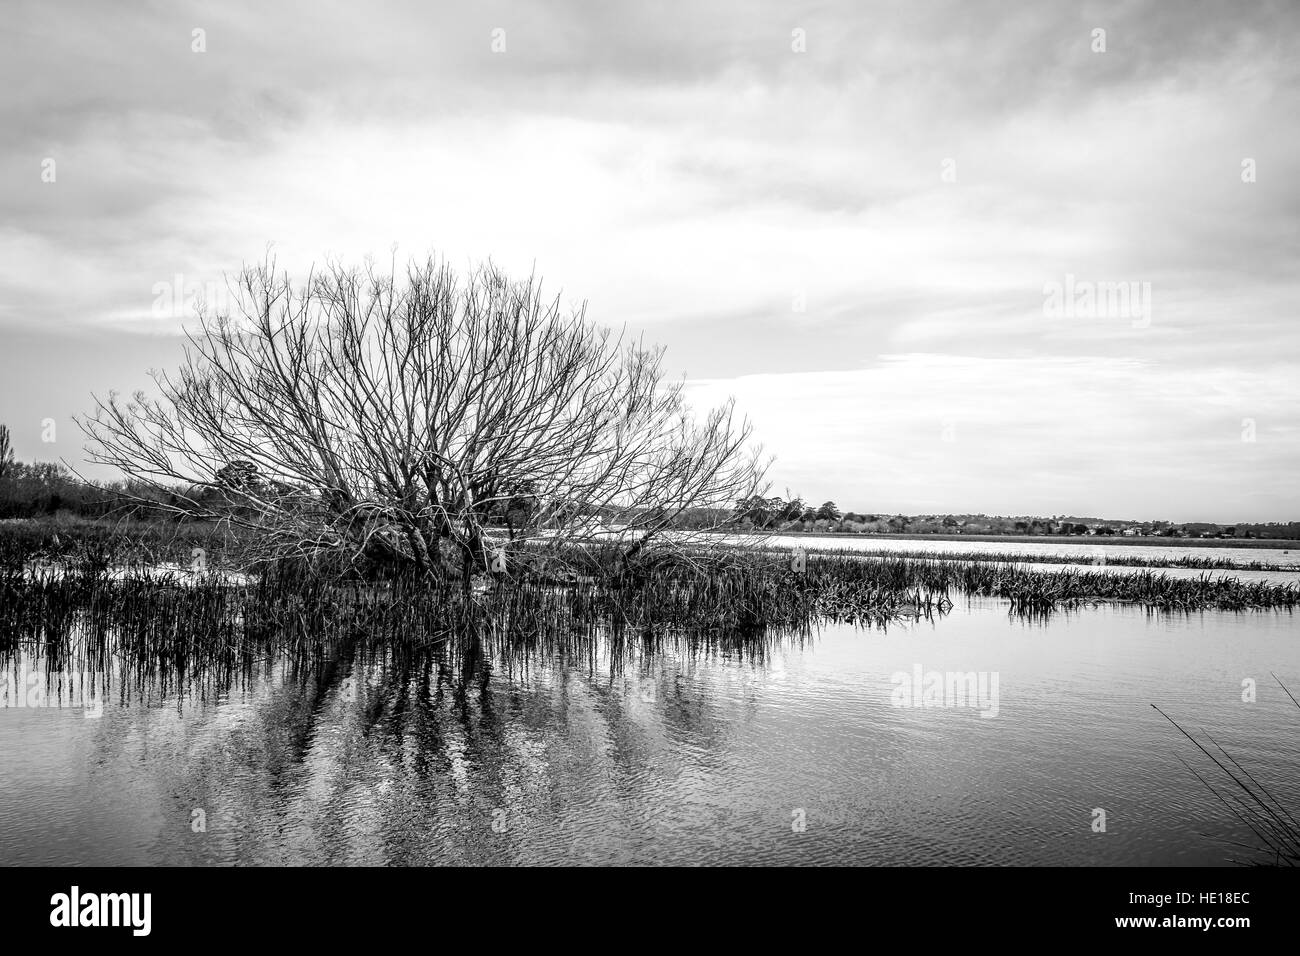 Árbol parcialmente sumergidas en agua y pastos en un lago hinchado de lluvia. En blanco y negro. B&W Imagen De Stock